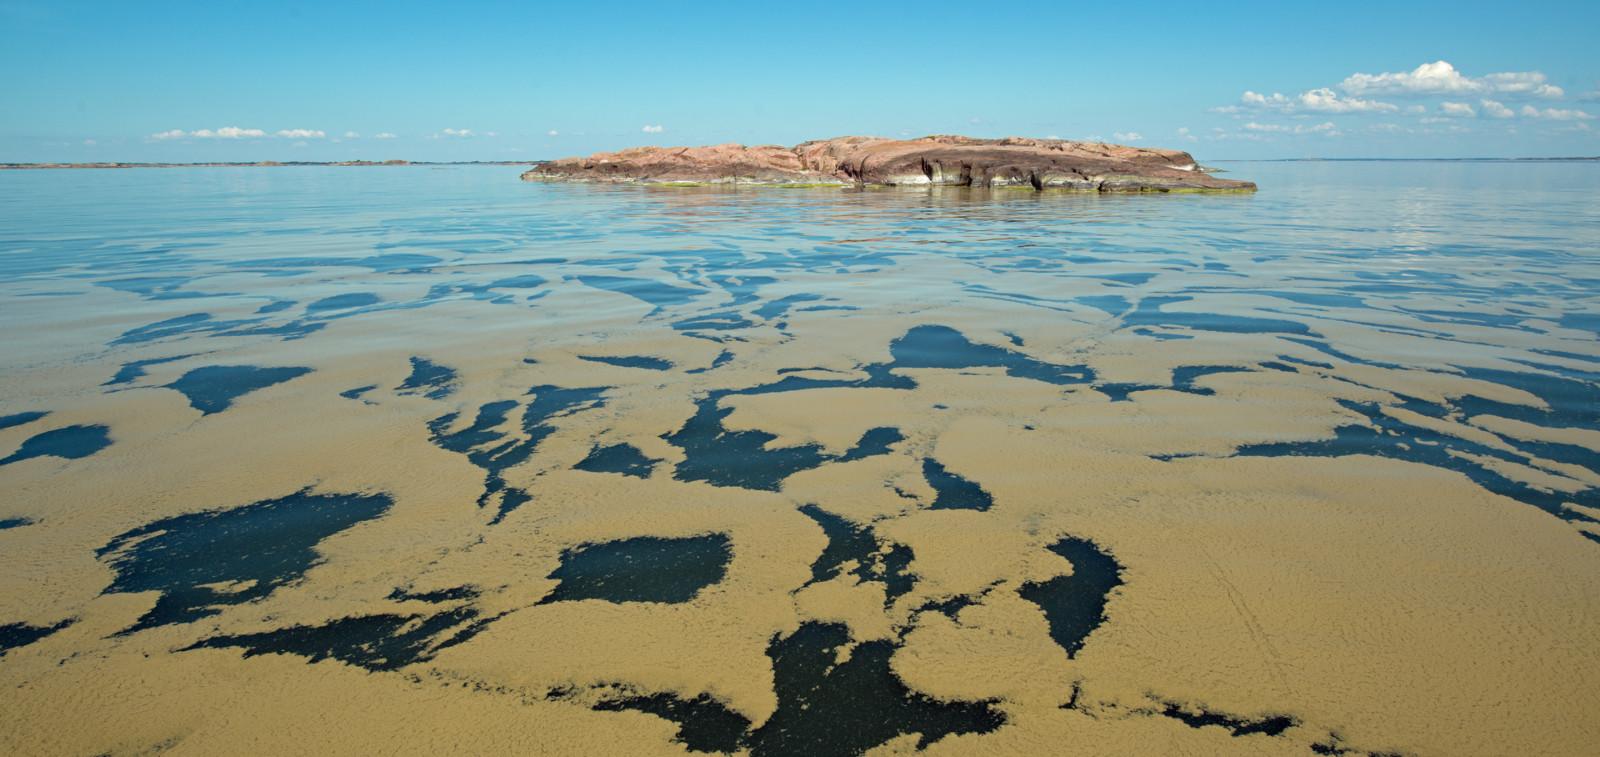 pieni kallioluoto sinilevän peittämällä avomerellä